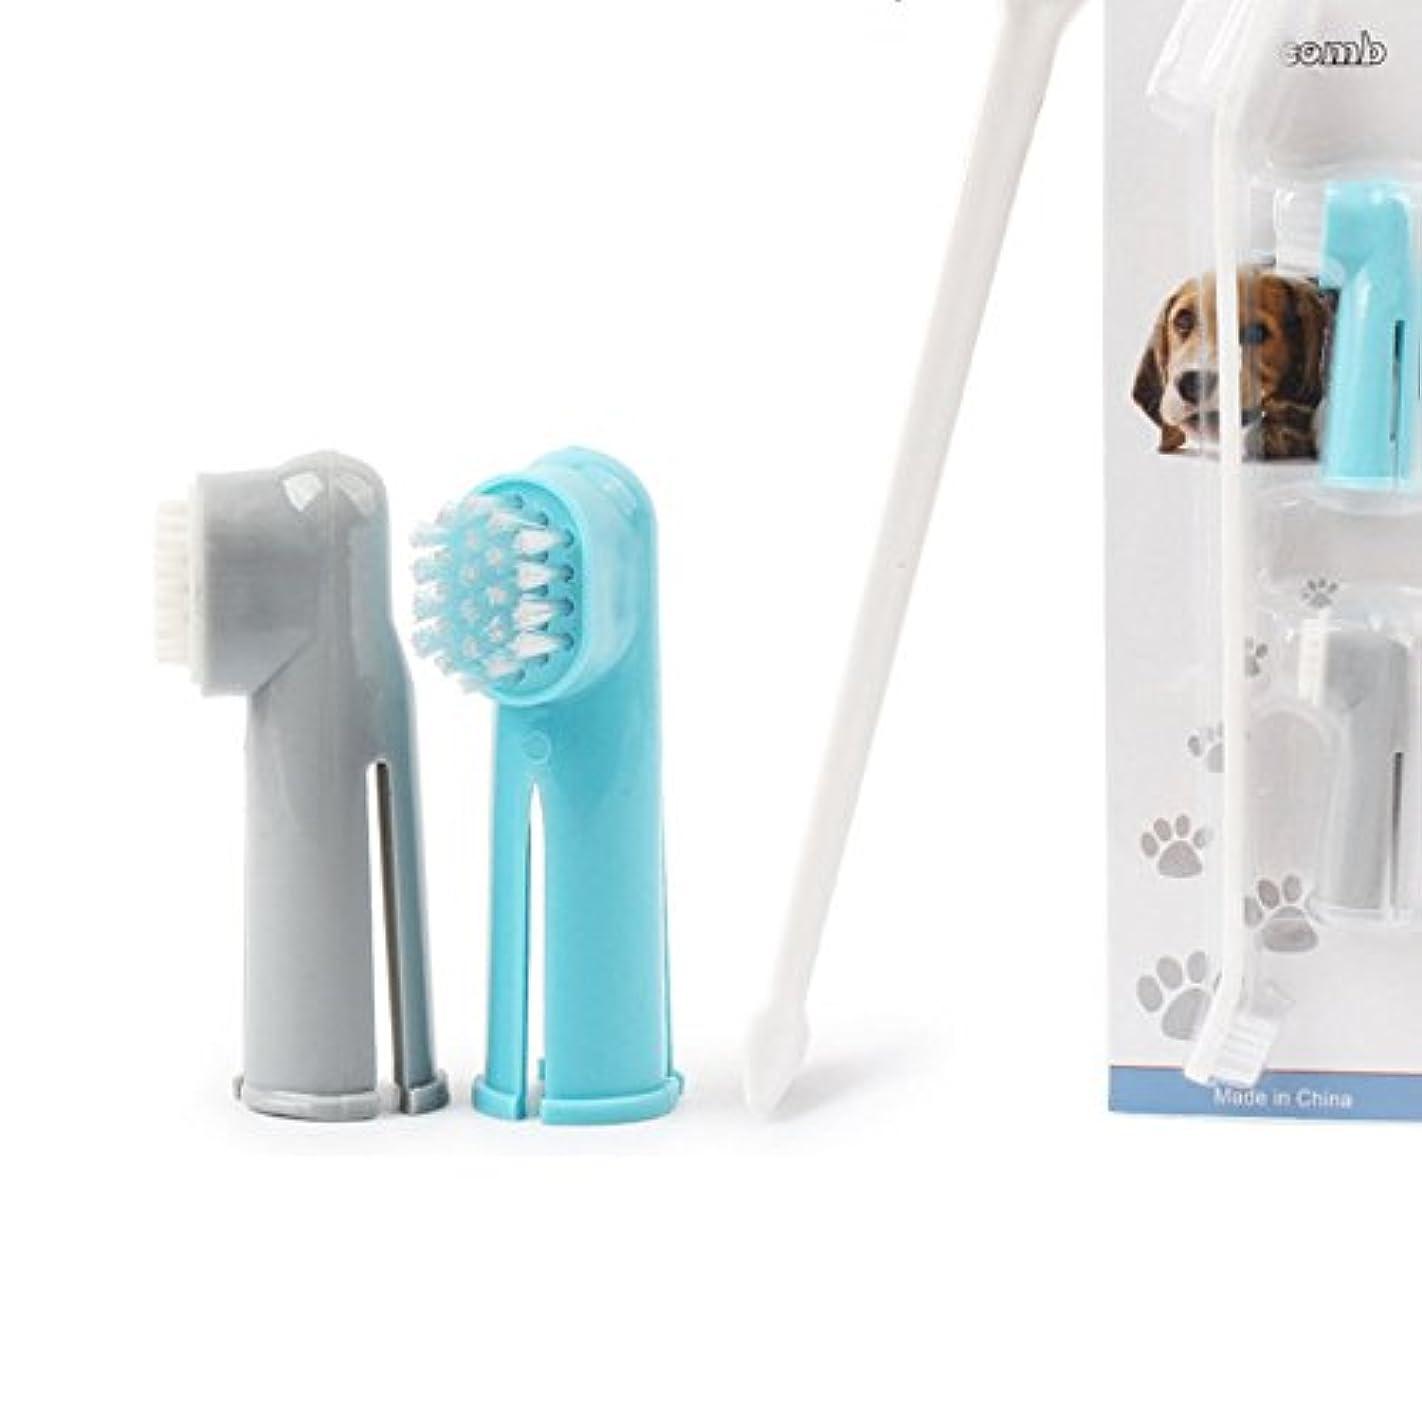 爆発物端末準備したBartram 指歯 ブラシ 犬猫用歯ブラシ 歯磨き フィンガータイプ ソフト フィンガータイプ デンタルケア 3ピースセット